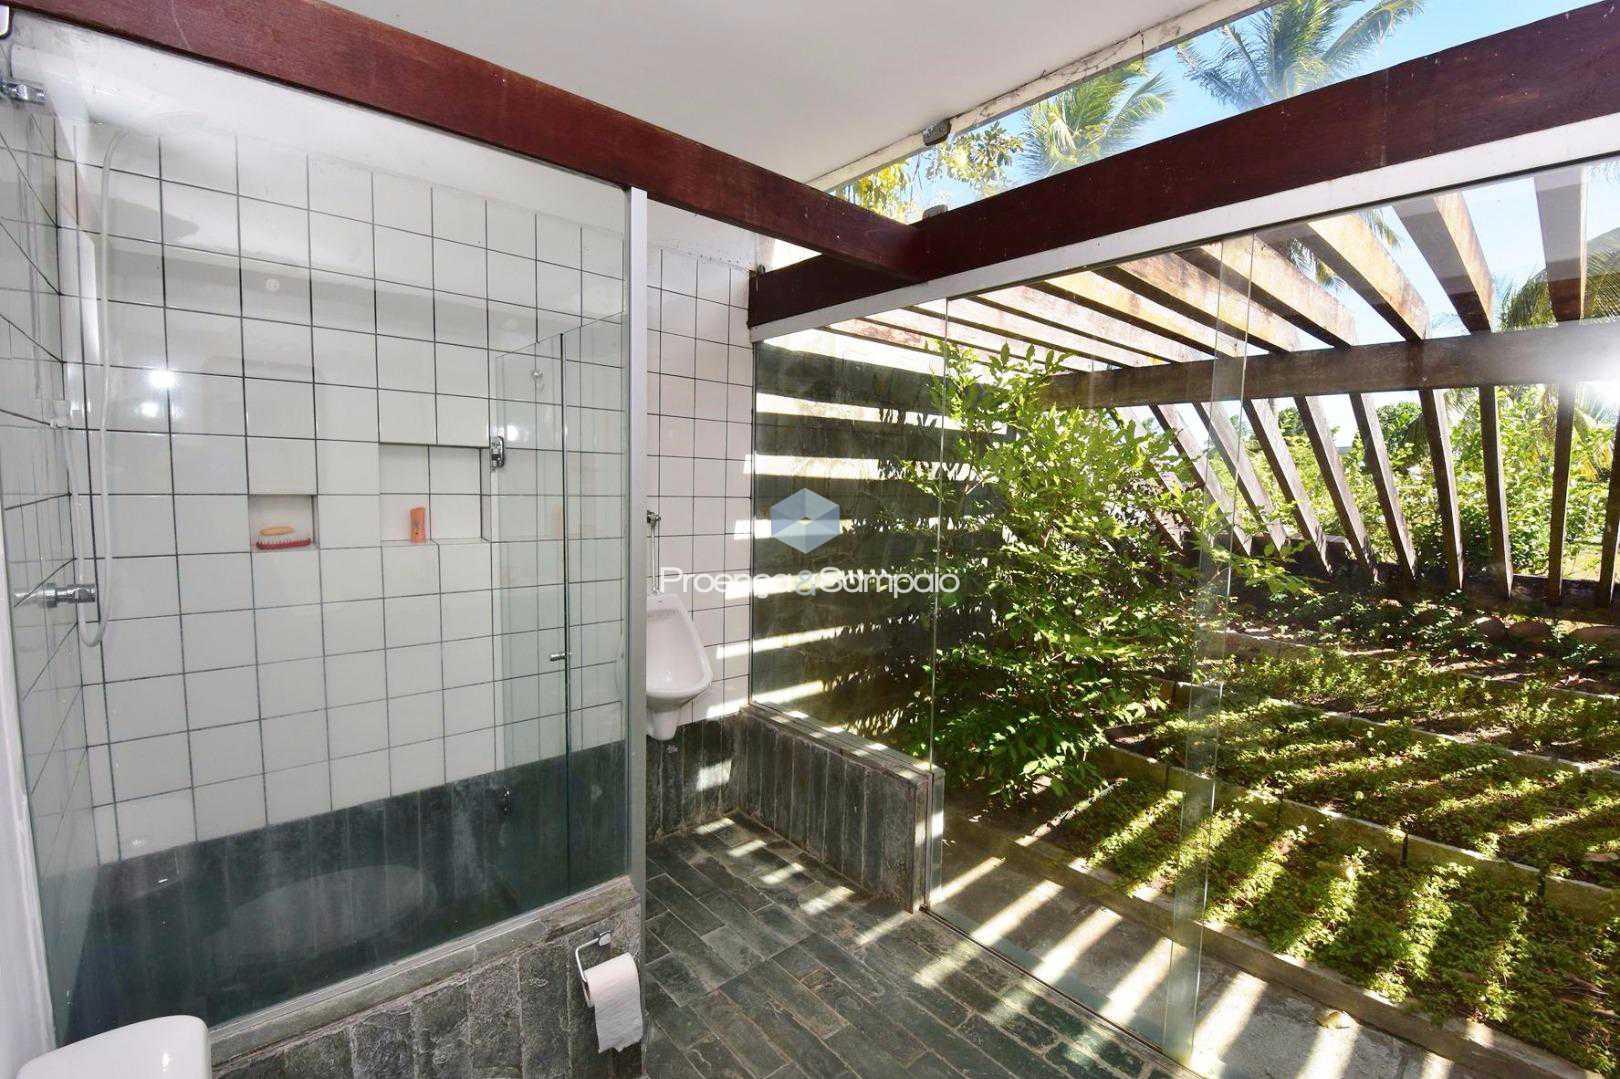 FOTO23 - Casa em Condomínio 4 quartos à venda Lauro de Freitas,BA - R$ 1.700.000 - PSCN40016 - 25